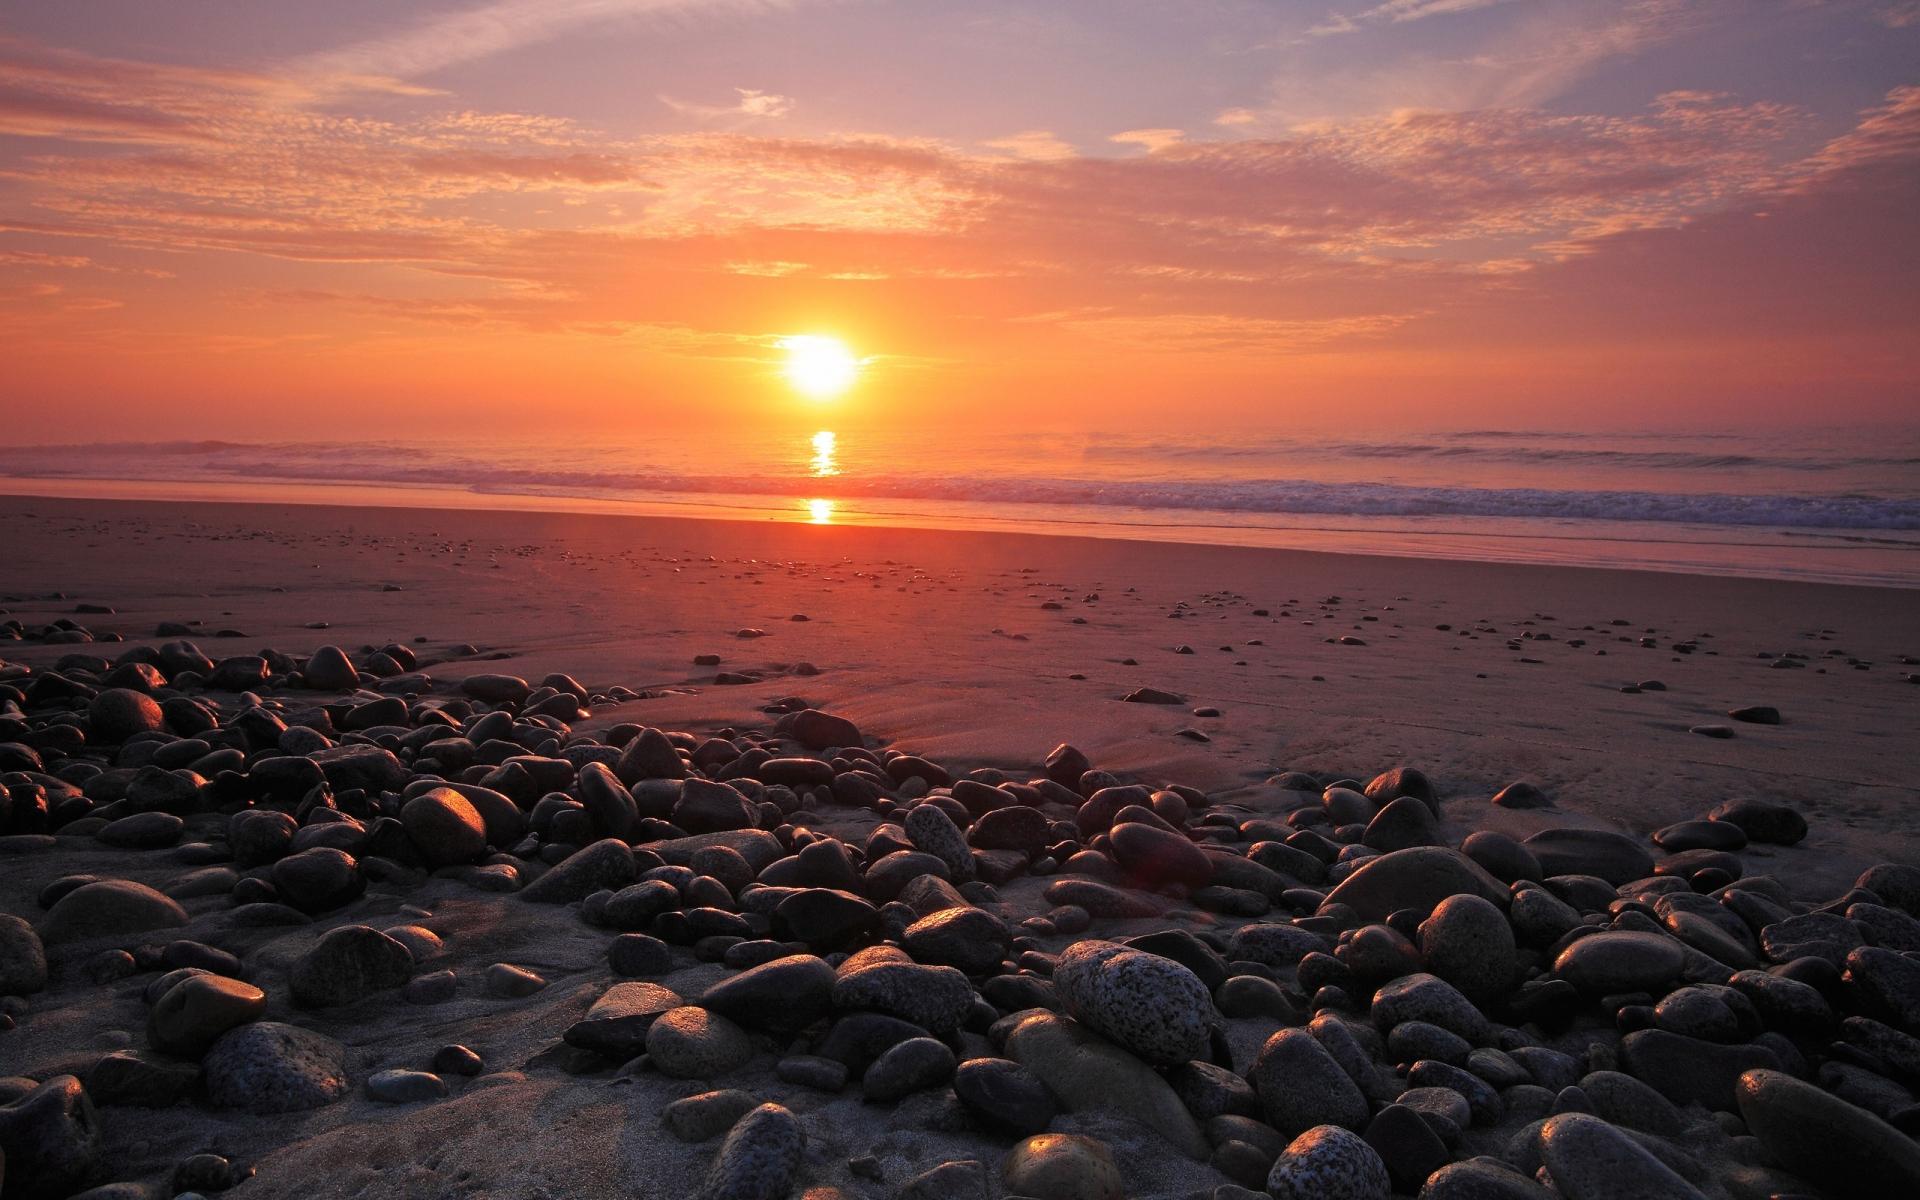 Rocas en una playa al atardecer - 1920x1200